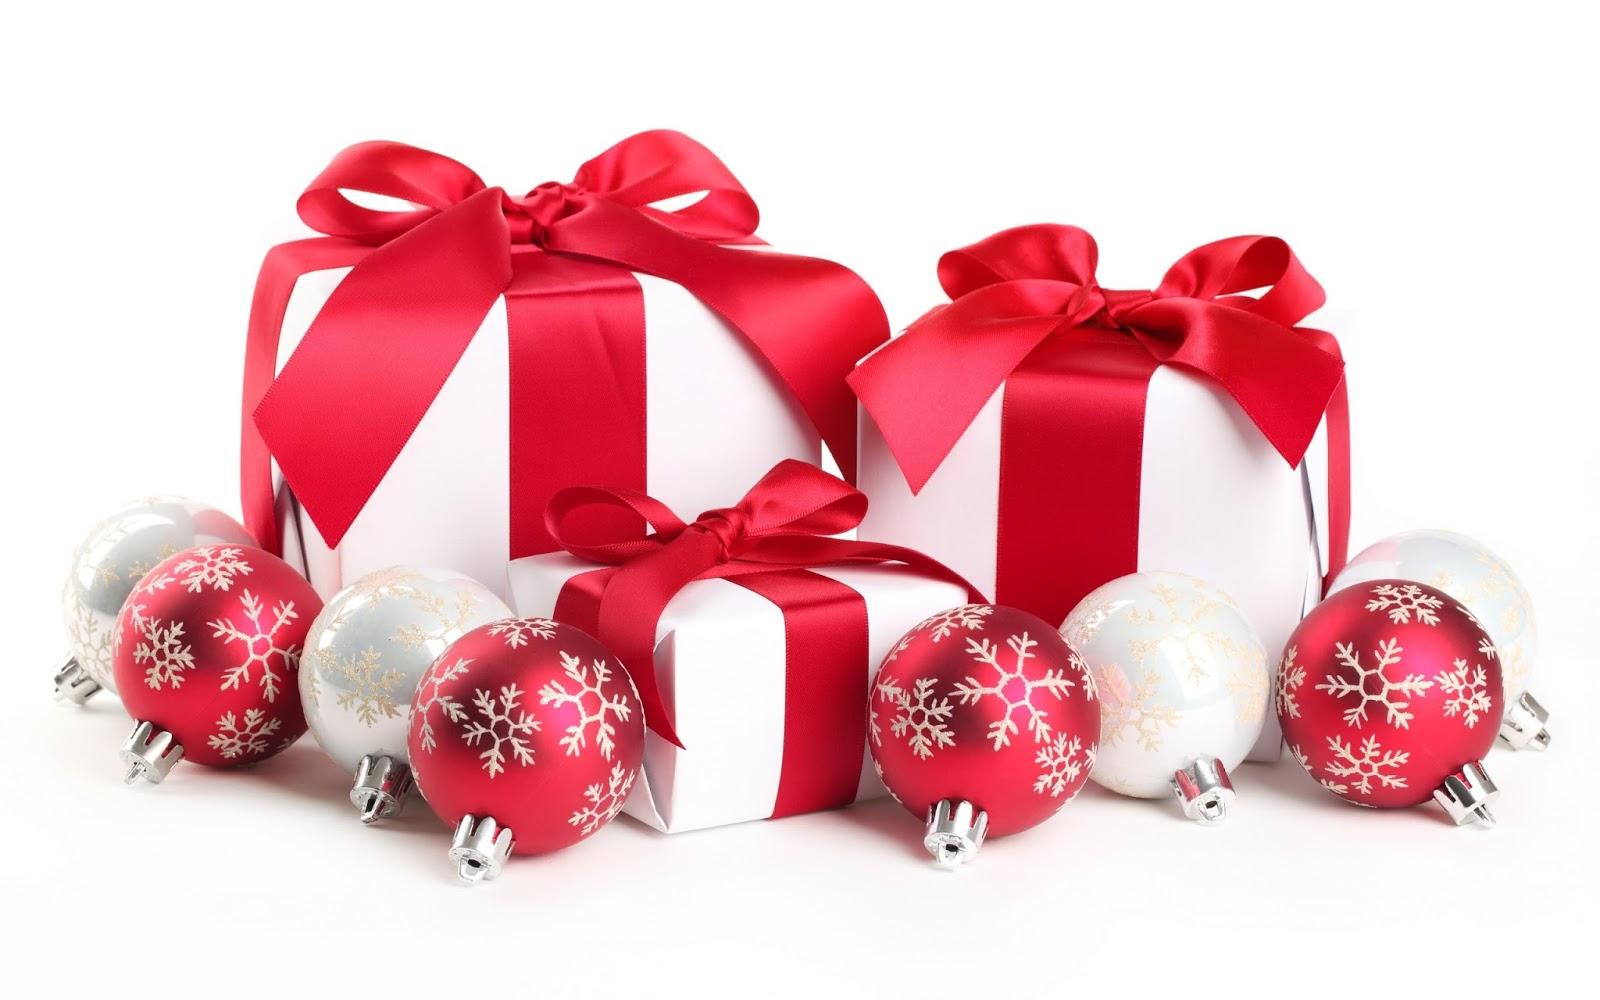 Regali Di Natale Per I Suoceri.Angela The Unkissable Regali Di Natale